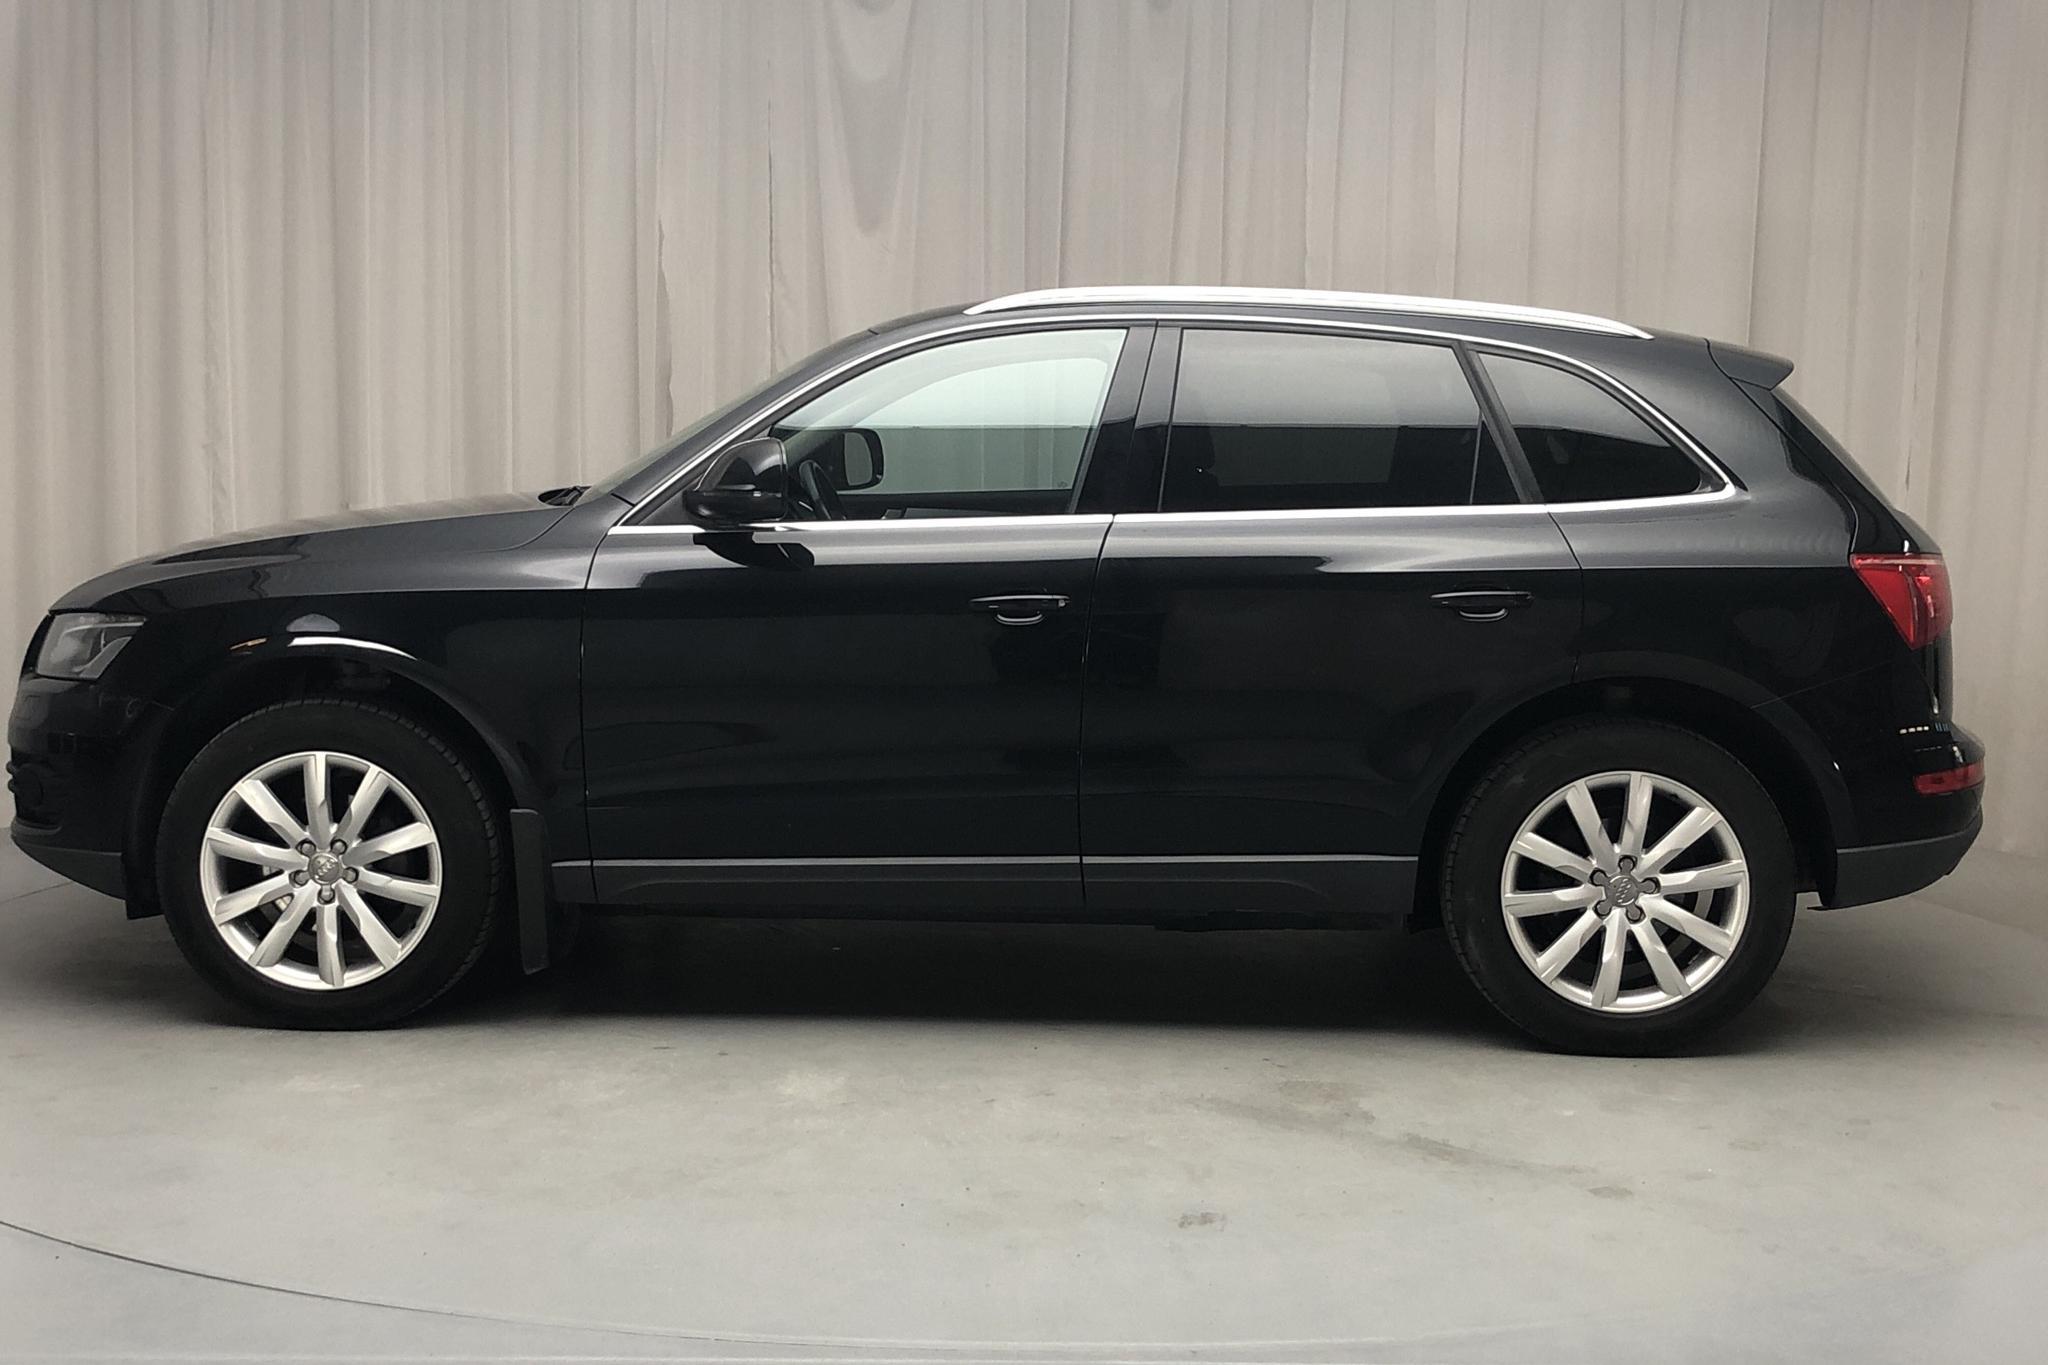 Audi Q5 2.0 TDI quattro (170hk) - 17 543 mil - Automat - svart - 2012